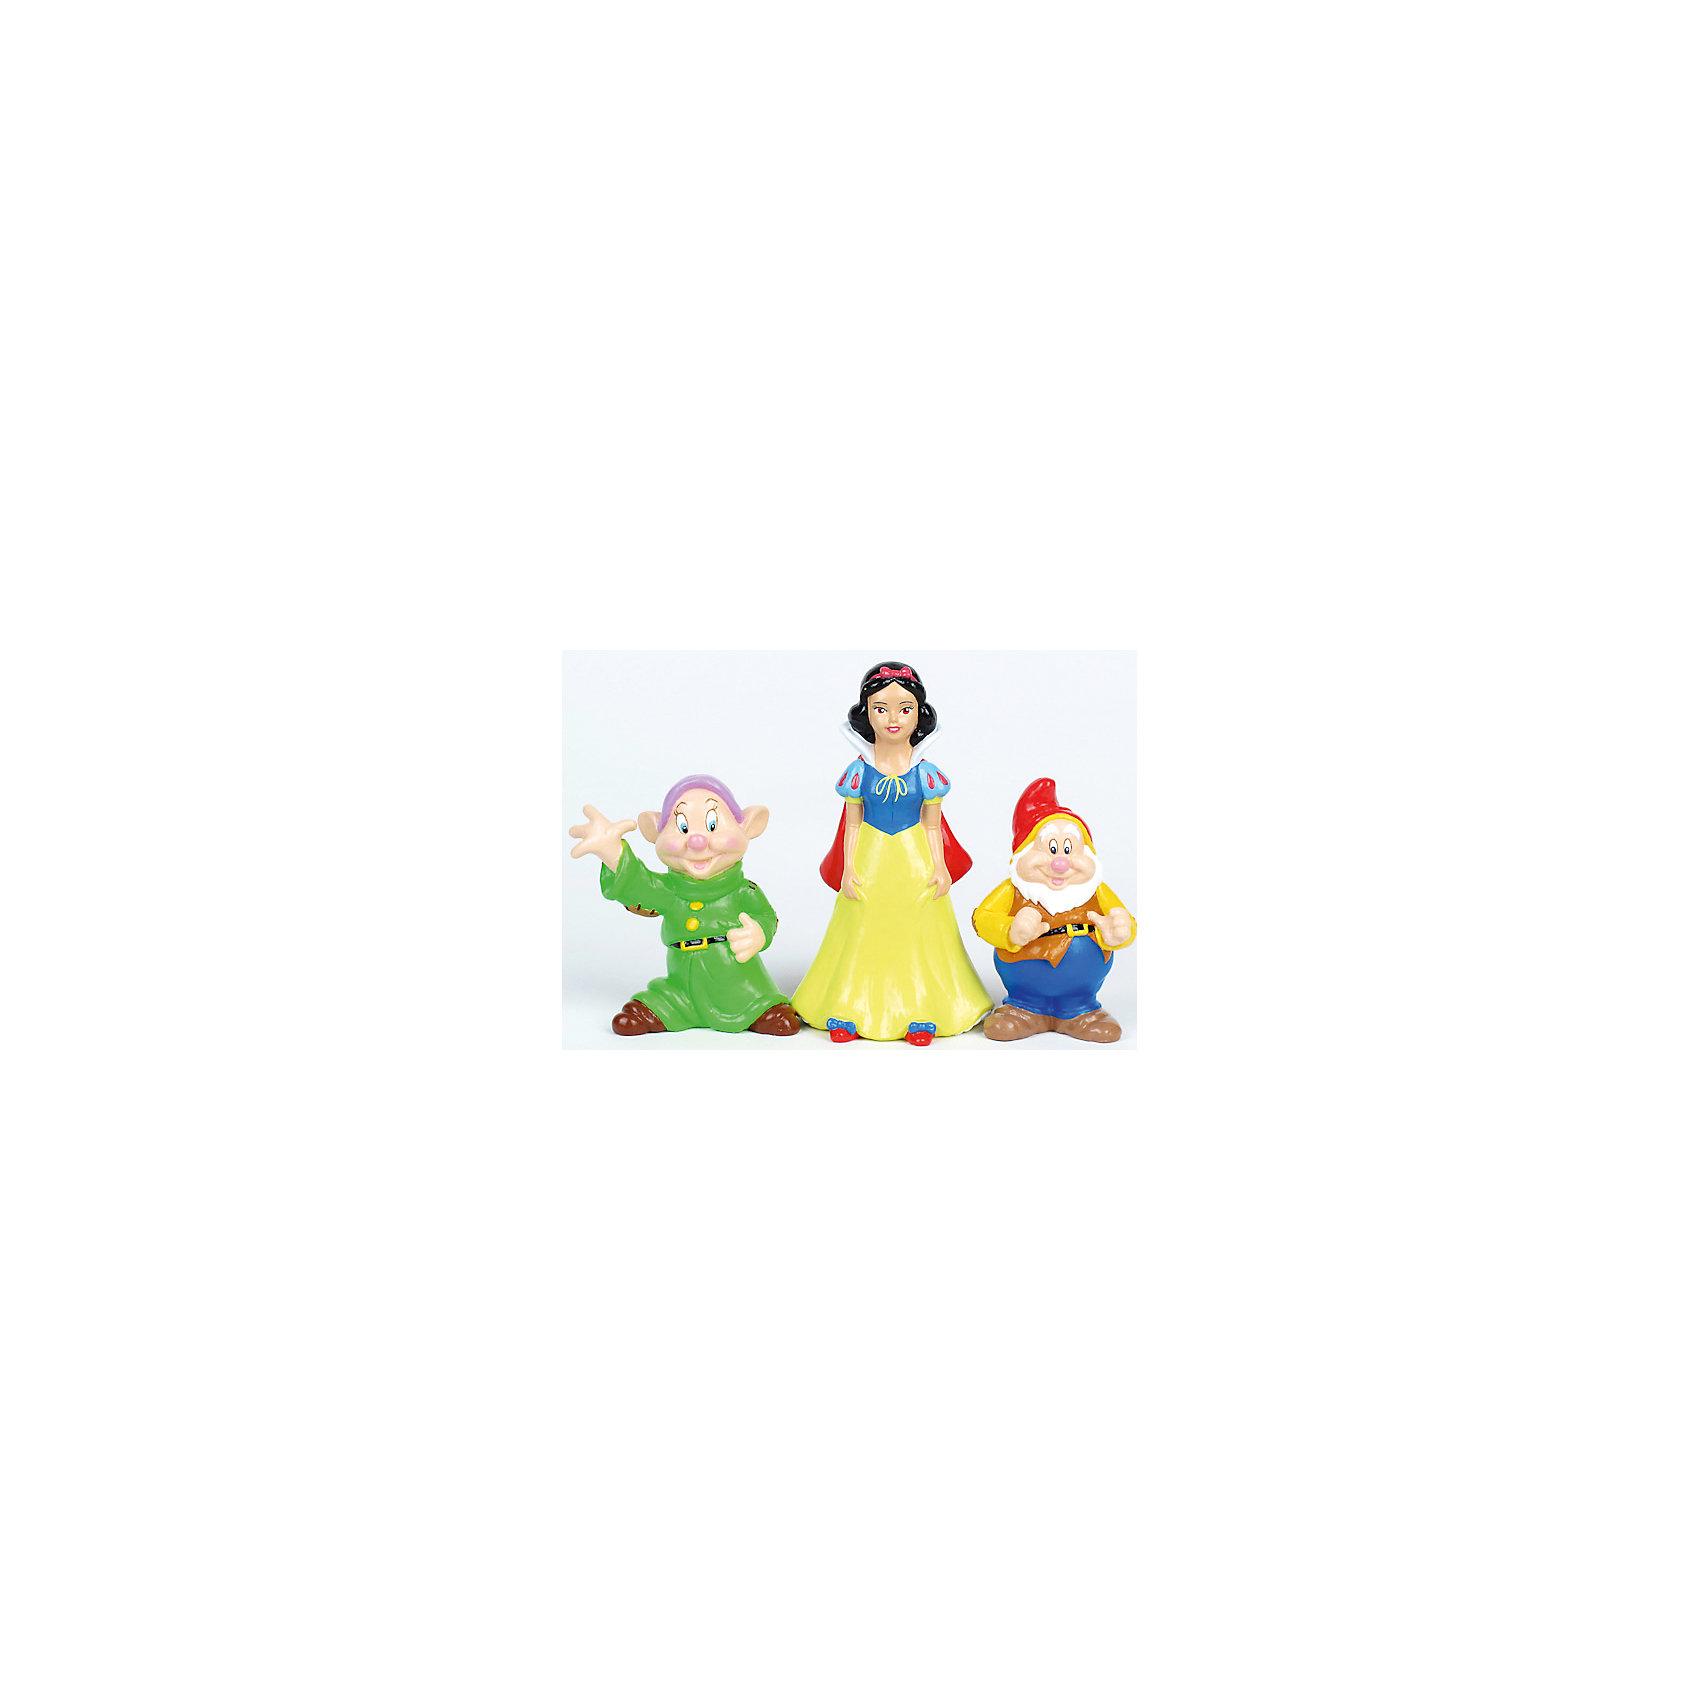 Набор из 3-х игрушек для купания Белоснежка и гномыПринцессы Дисней<br>Кто из малышей не любит плескаться в ванне?! Сделать купание веселее помогут игрушки в форме героев мультфильма Белоснежка и 7 гномов, этот набор обязательно порадует ребенка. Такие игрушки помогают детям развивать воображение, мелкую моторику, логику и творческое мышление.<br>Игрушки абсолютно безопасны для ребенка, сделаны из качественных материалов, легко моются. В них можно набирать воду и брызгаться струёй воды. В наборе - три игрушки. <br><br>Дополнительная информация:<br><br>цвет: разноцветный;<br>размер коробки: 6 х 19 х 13 см;<br>вес: 130 г;<br>материал: ПВХ;<br>комплектация: 3 игрушки.<br><br>Набор из 3-х игрушек для купания Белоснежка и гномы можно купить в нашем магазине.<br><br>Ширина мм: 60<br>Глубина мм: 130<br>Высота мм: 190<br>Вес г: 130<br>Возраст от месяцев: 6<br>Возраст до месяцев: 48<br>Пол: Женский<br>Возраст: Детский<br>SKU: 4913606